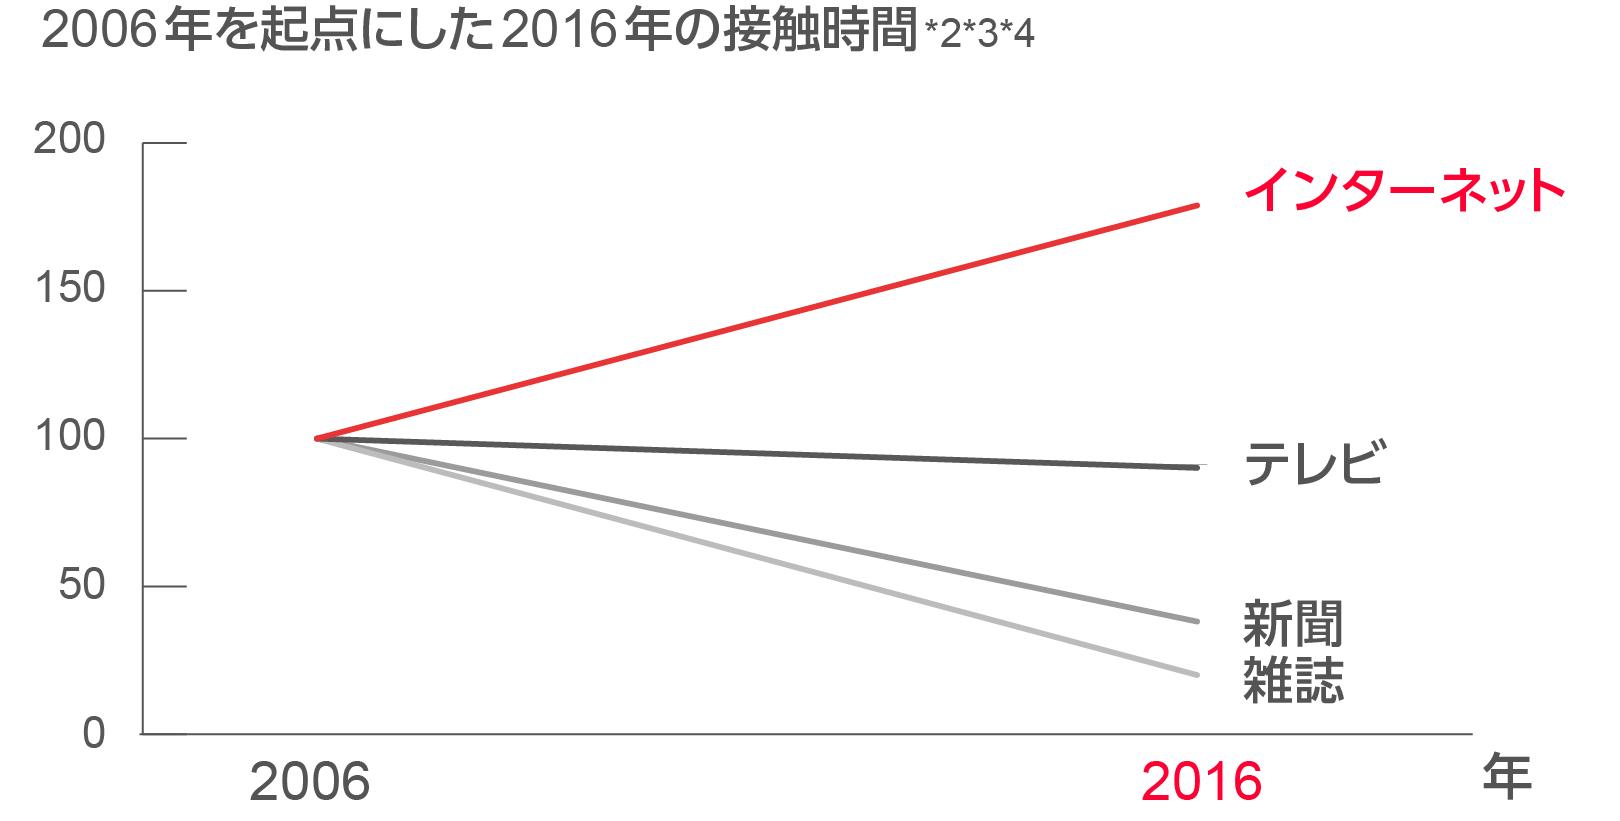 テレビ・新聞・雑誌・ラジオとインターネット広告費の成長比較のグラフ図